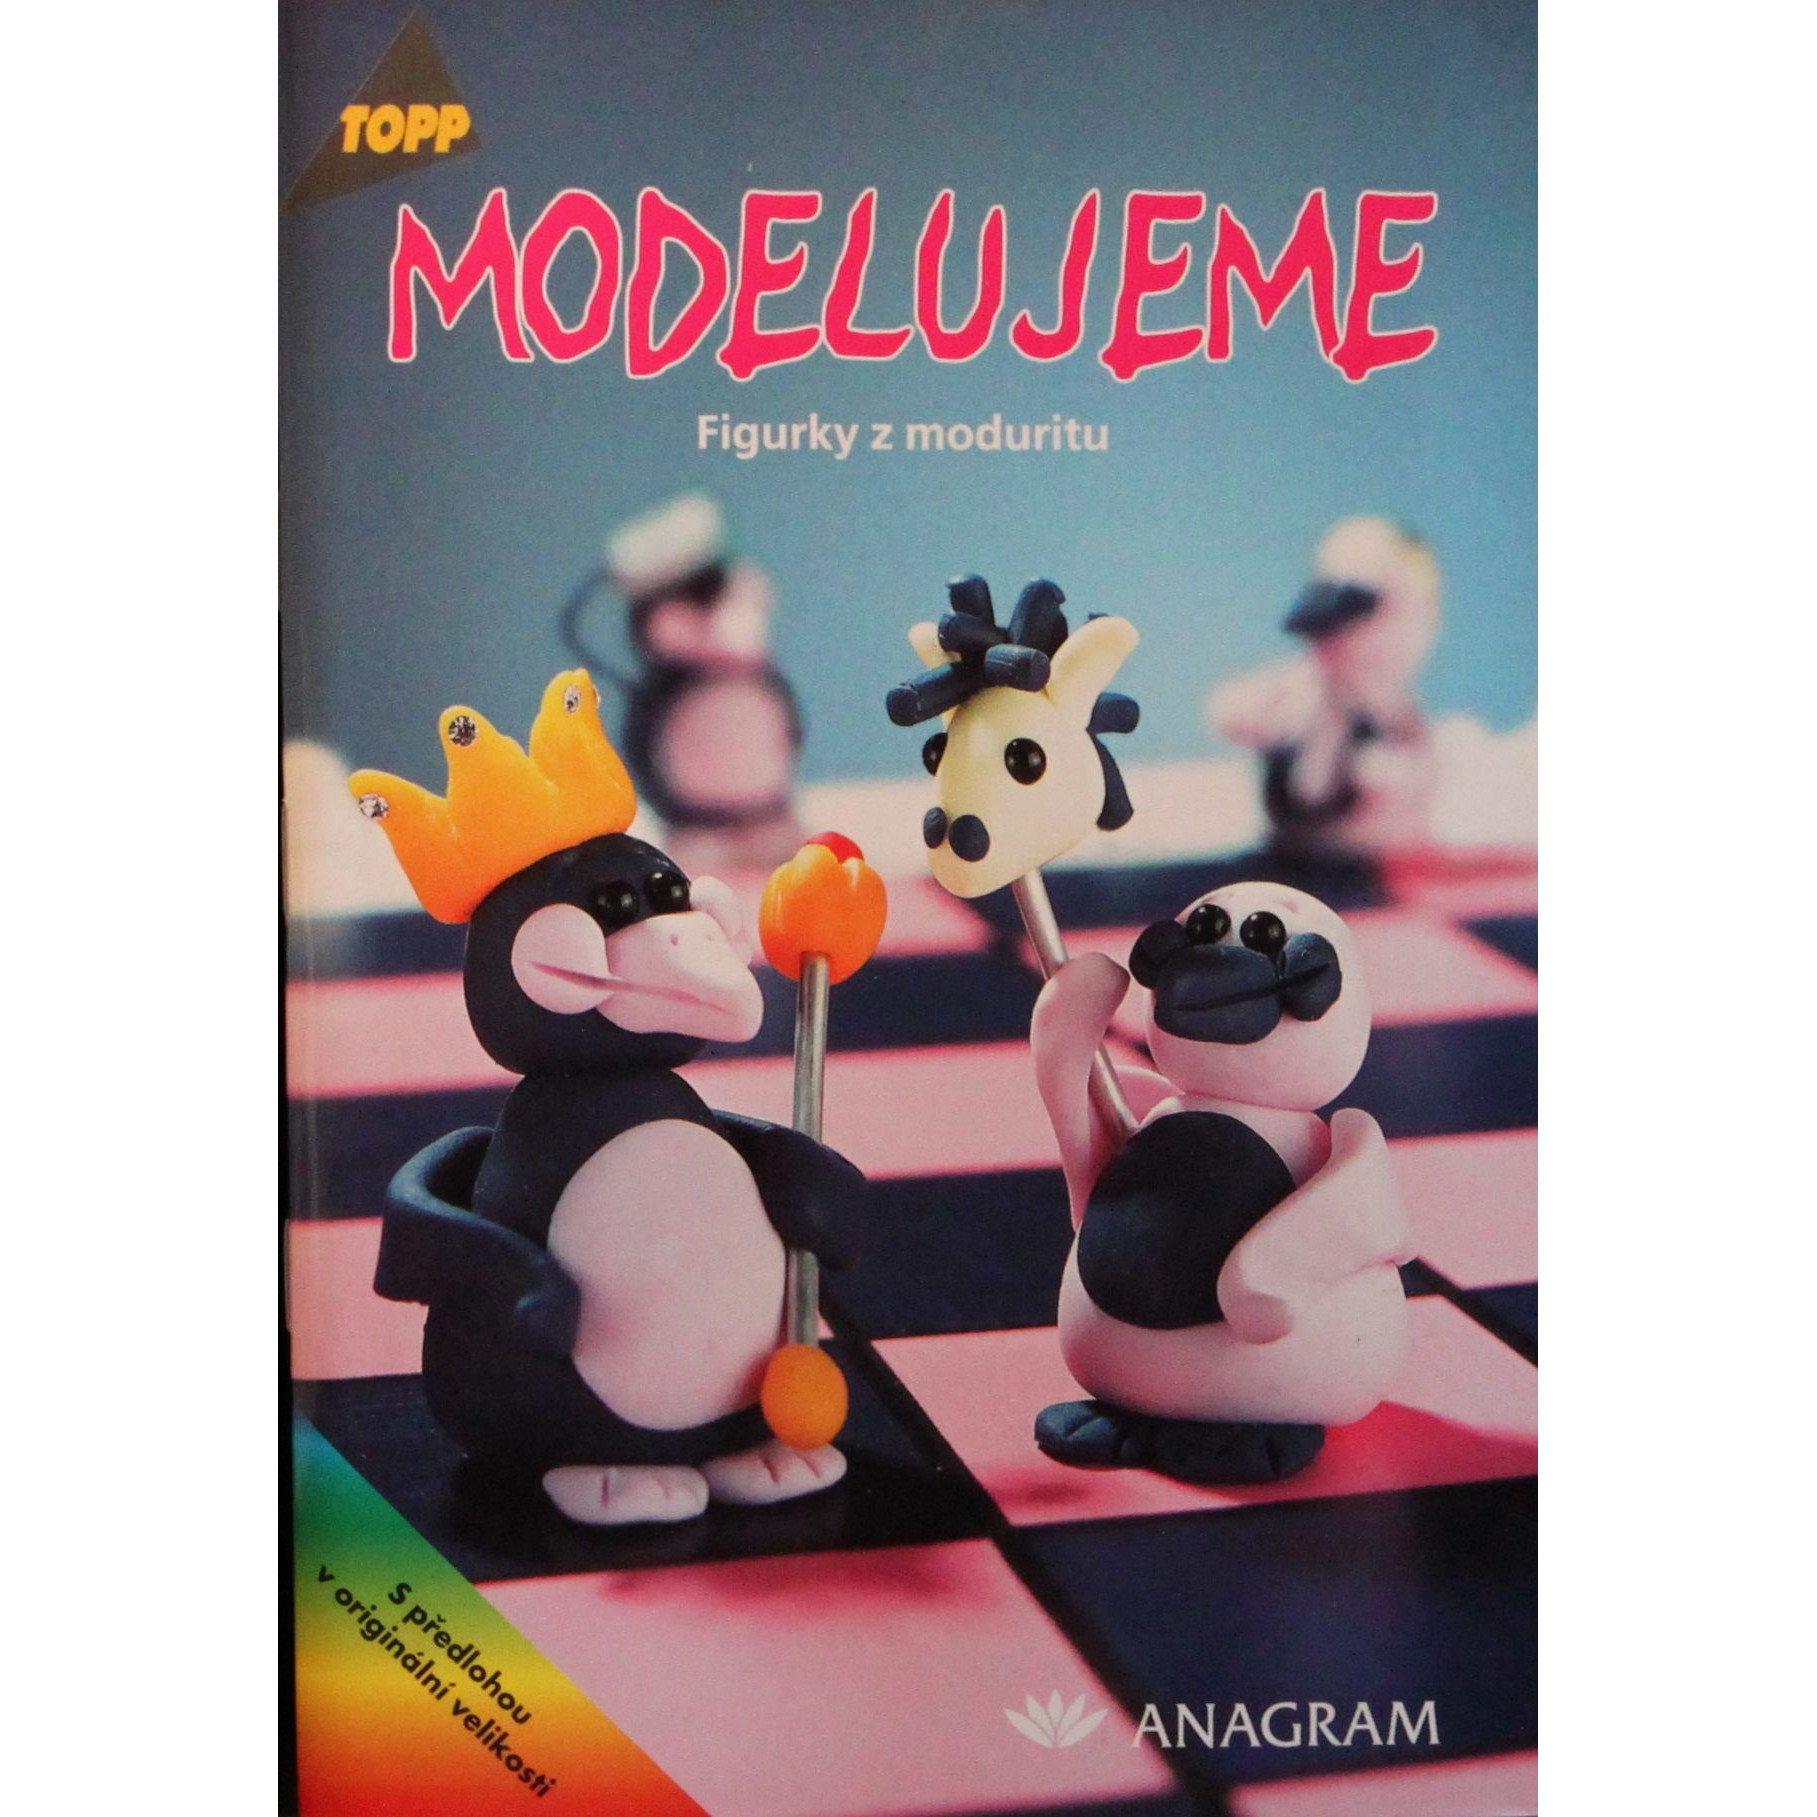 Modelujeme figurky z moduritu TOPP